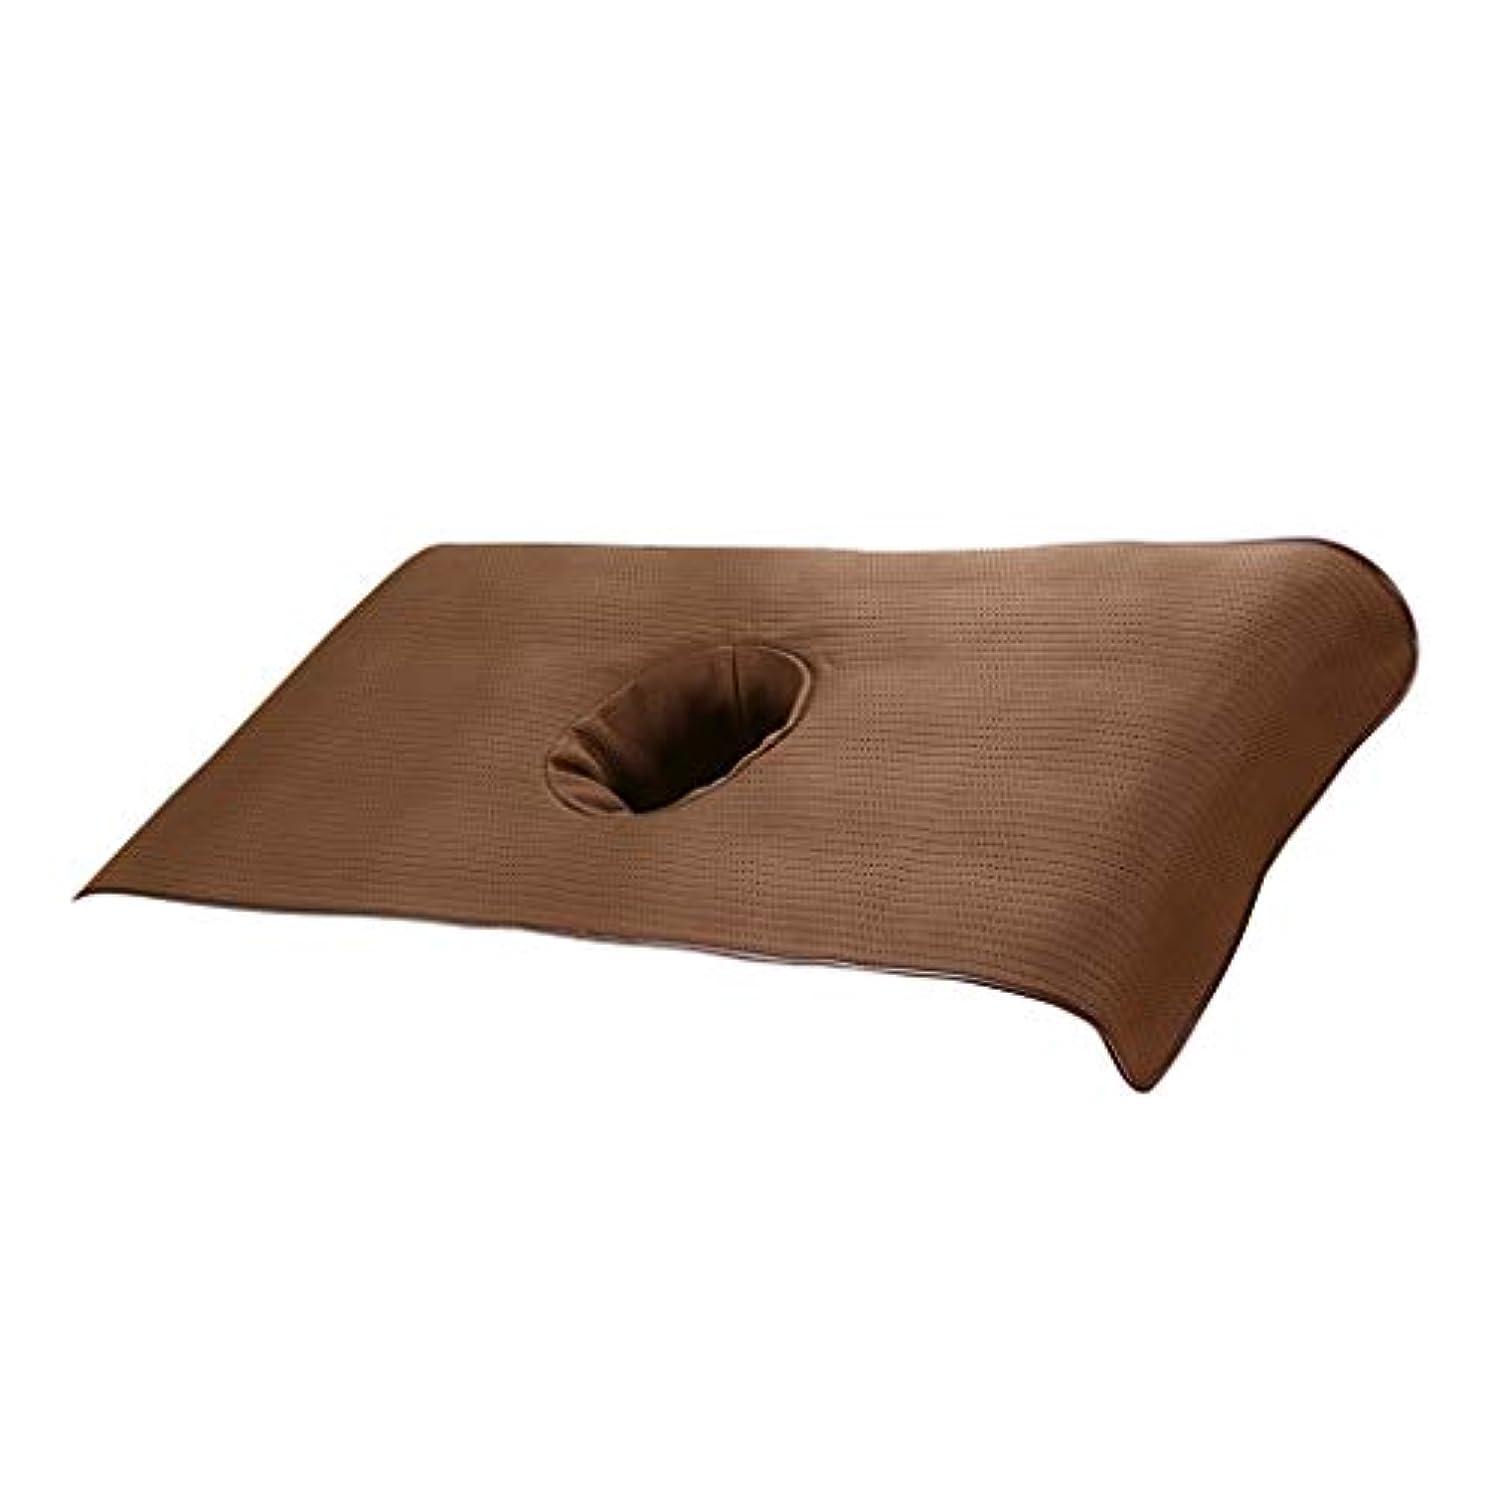 公然と抜け目がない忍耐柔らかい スパ マッサージベッドカバー ベッドカバーシート 通気性 - 褐色